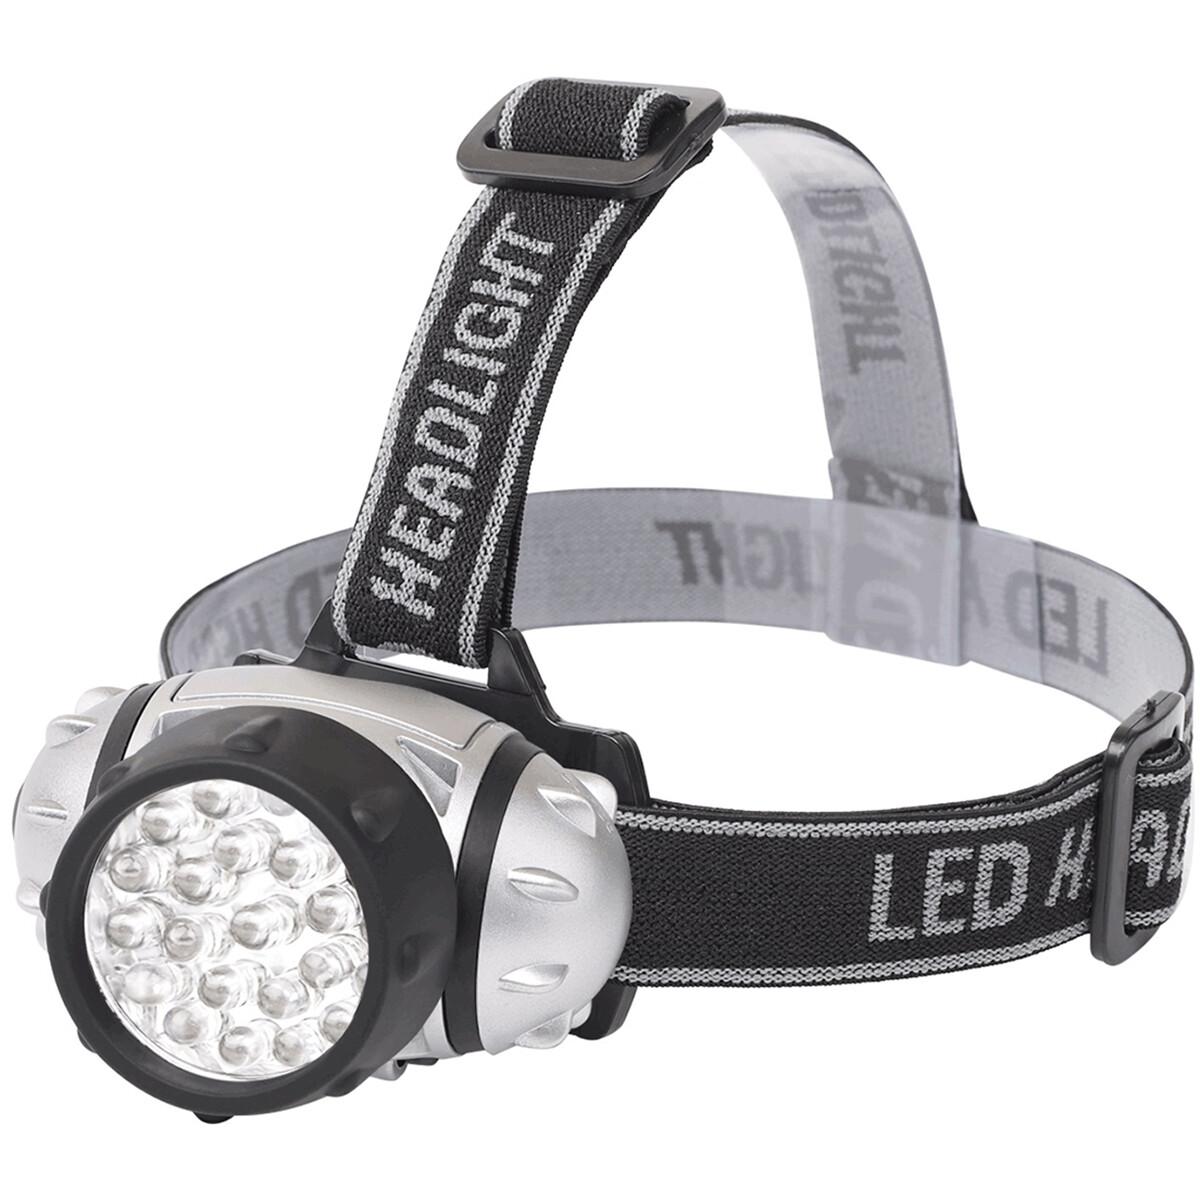 LED Hoofdlamp - Aigi Slico - Waterdicht - 50 Meter - Kantelbaar - 23 LED's - 1.1W - Zilver | Vervang